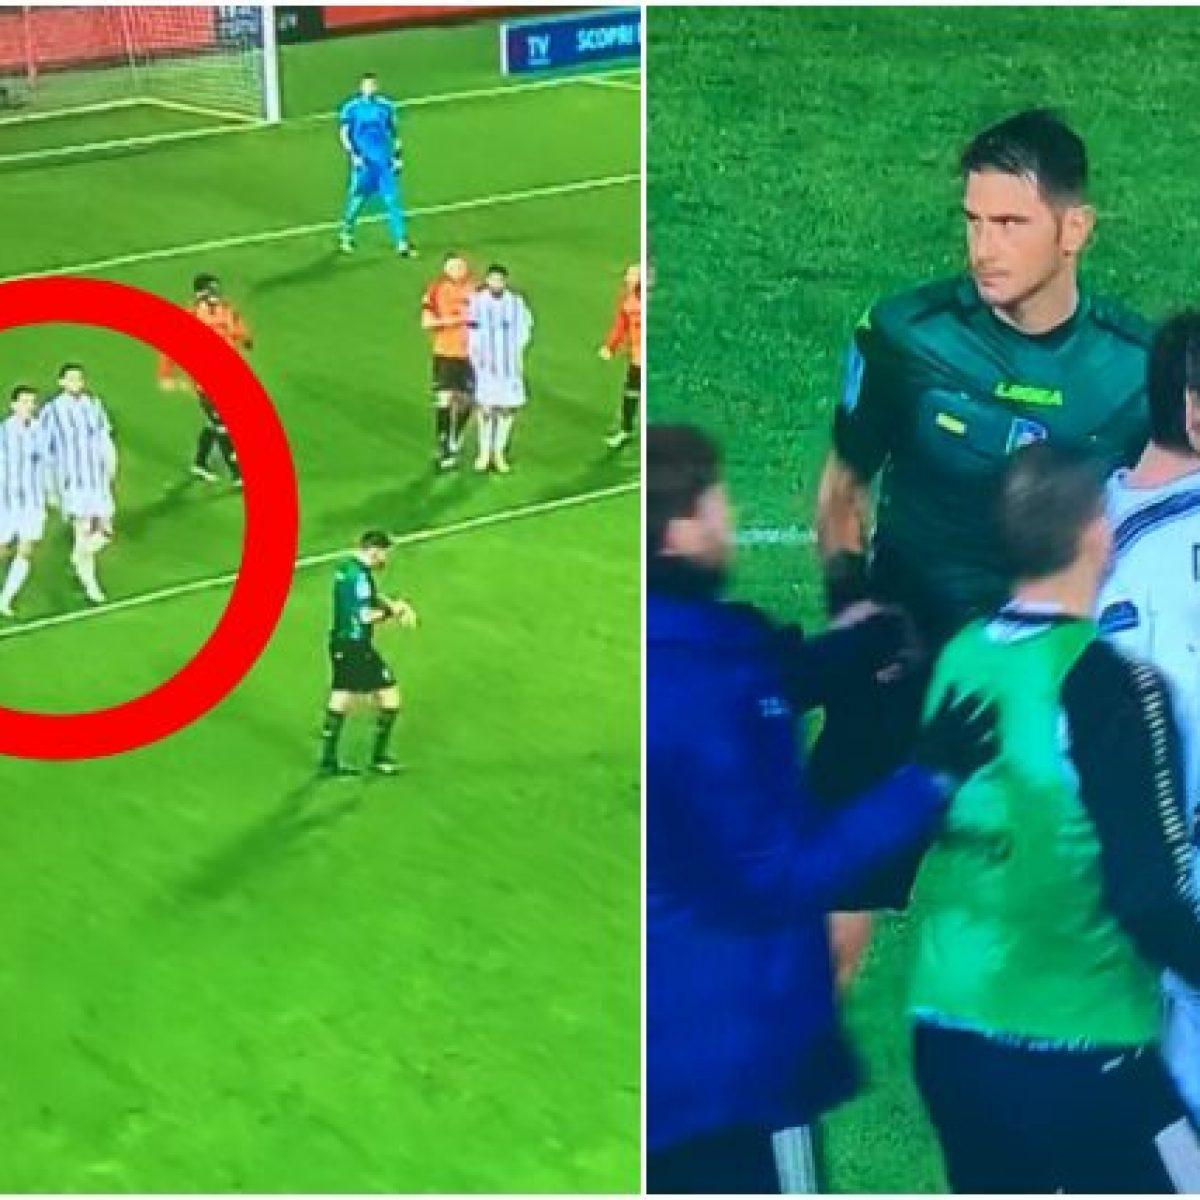 Perché Morata è stato espulso dall'arbitro Pasqua in Benevento-Juventus